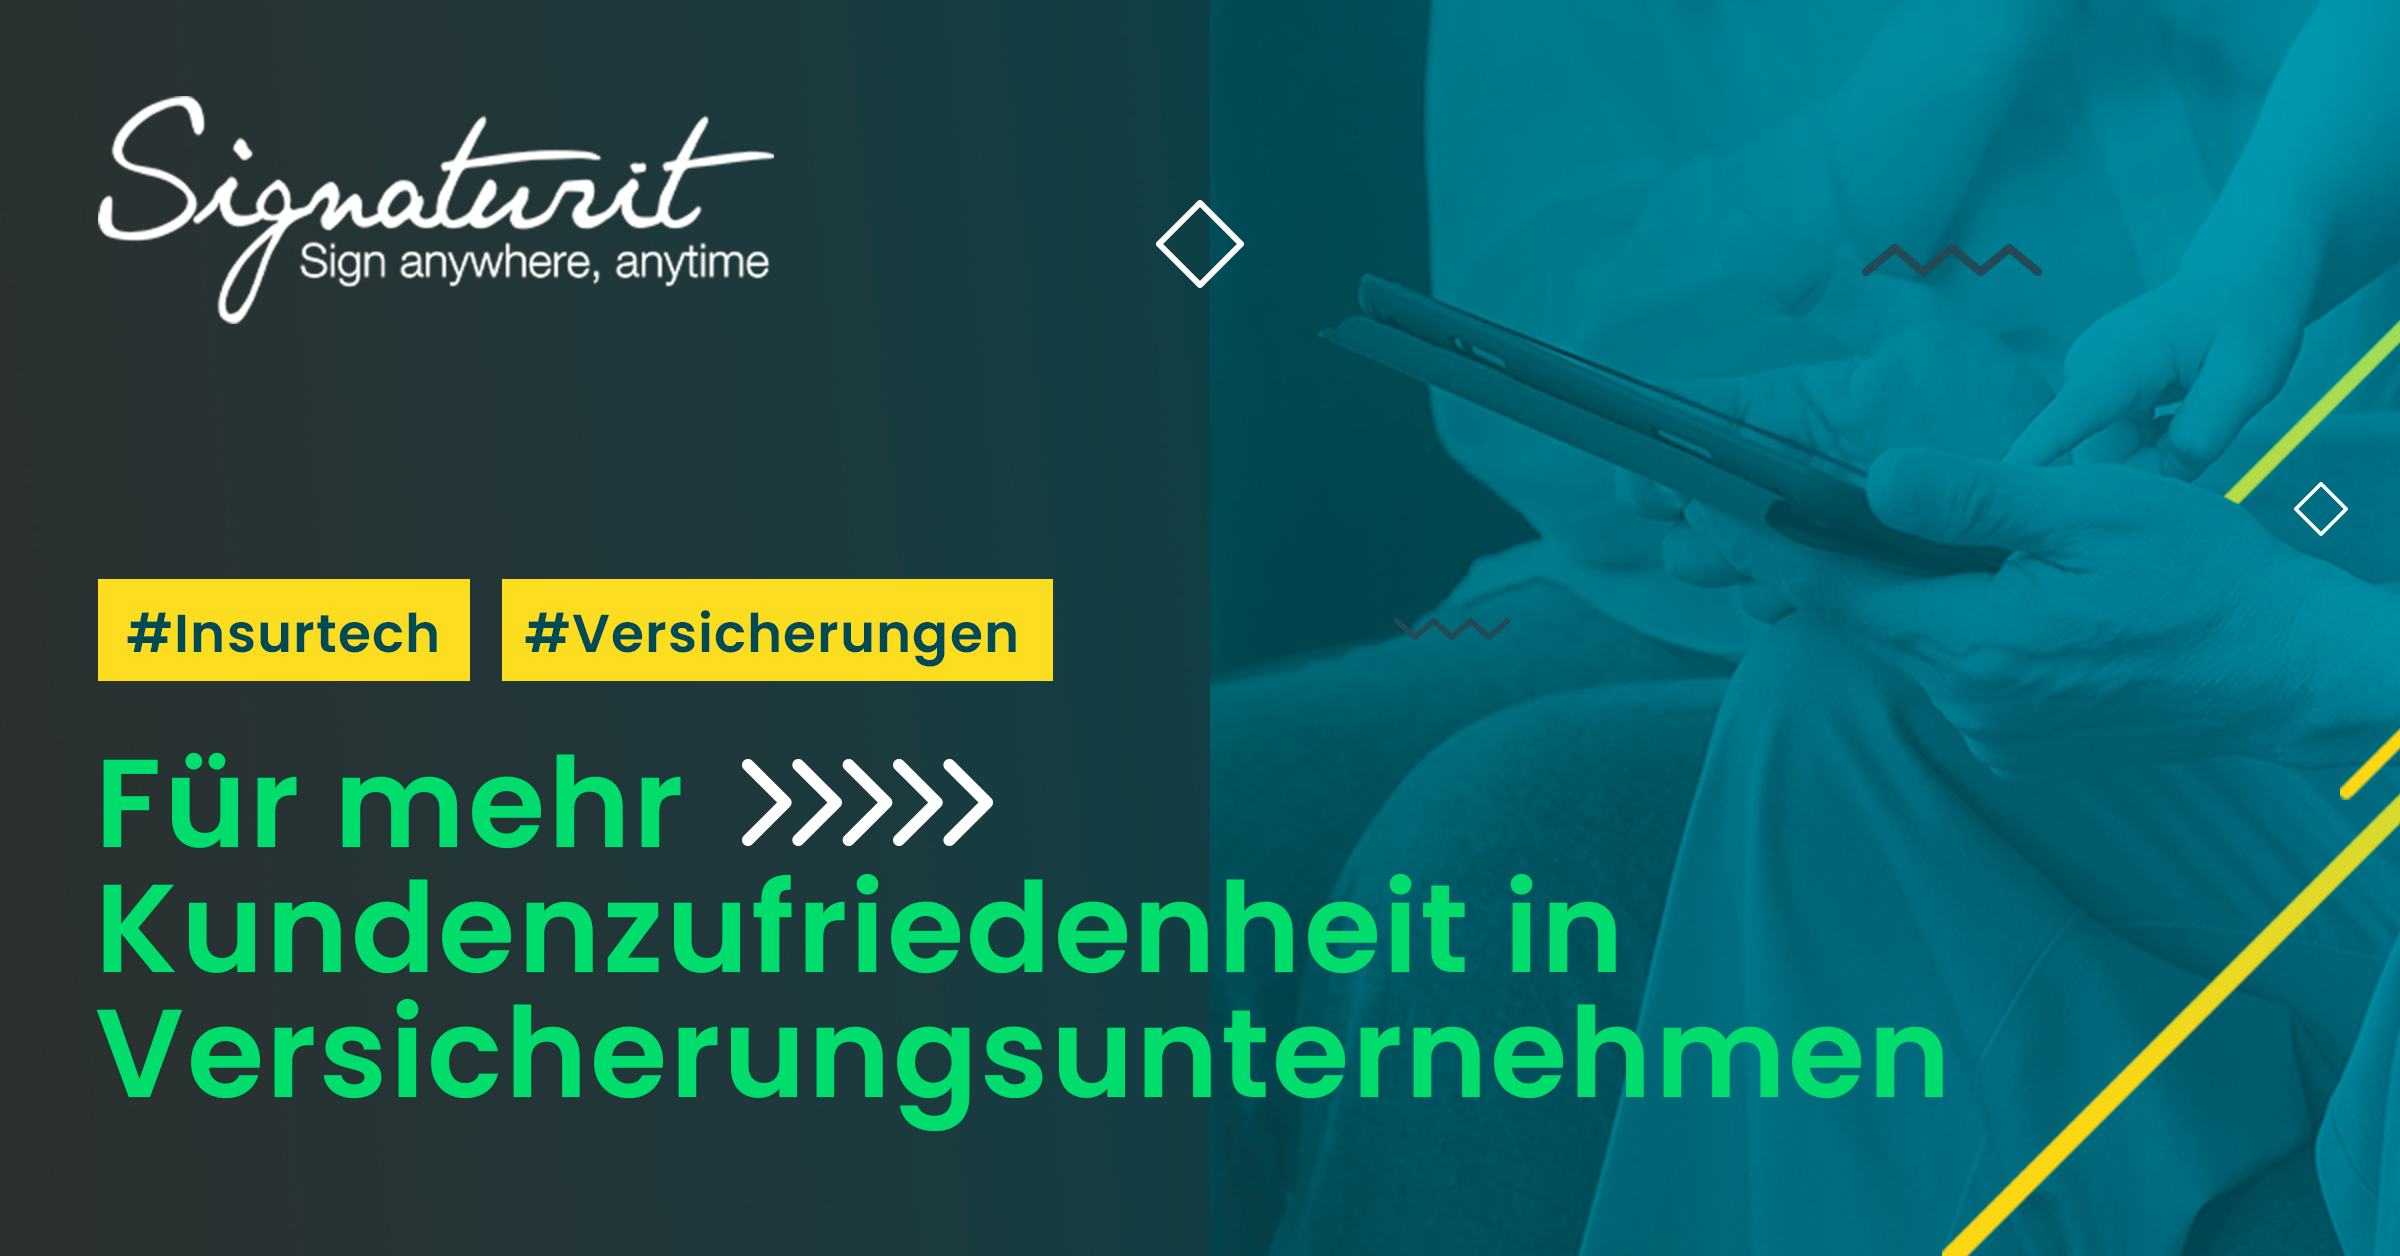 Digitalisierung_fuer_mehr_Kundenzufriedenheit_in_Versicherungsunternehmen_Blog_Signaturit